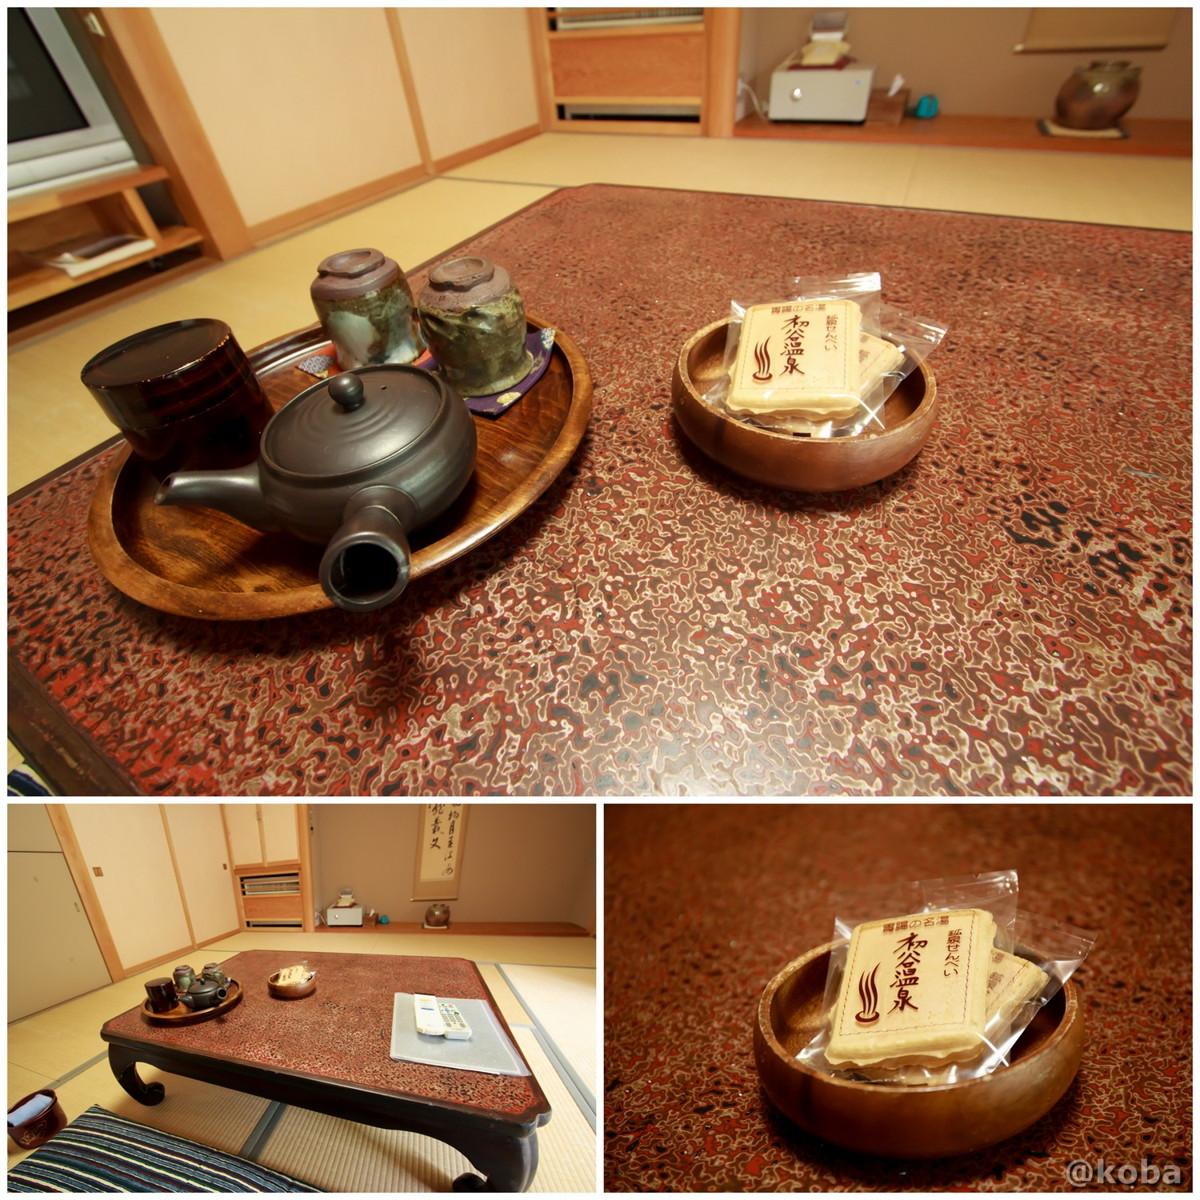 お茶菓子の写真 内山峠 初谷温泉(うちやまとうげ しょやおんせん) 長野県佐久市 日本秘湯を守る会